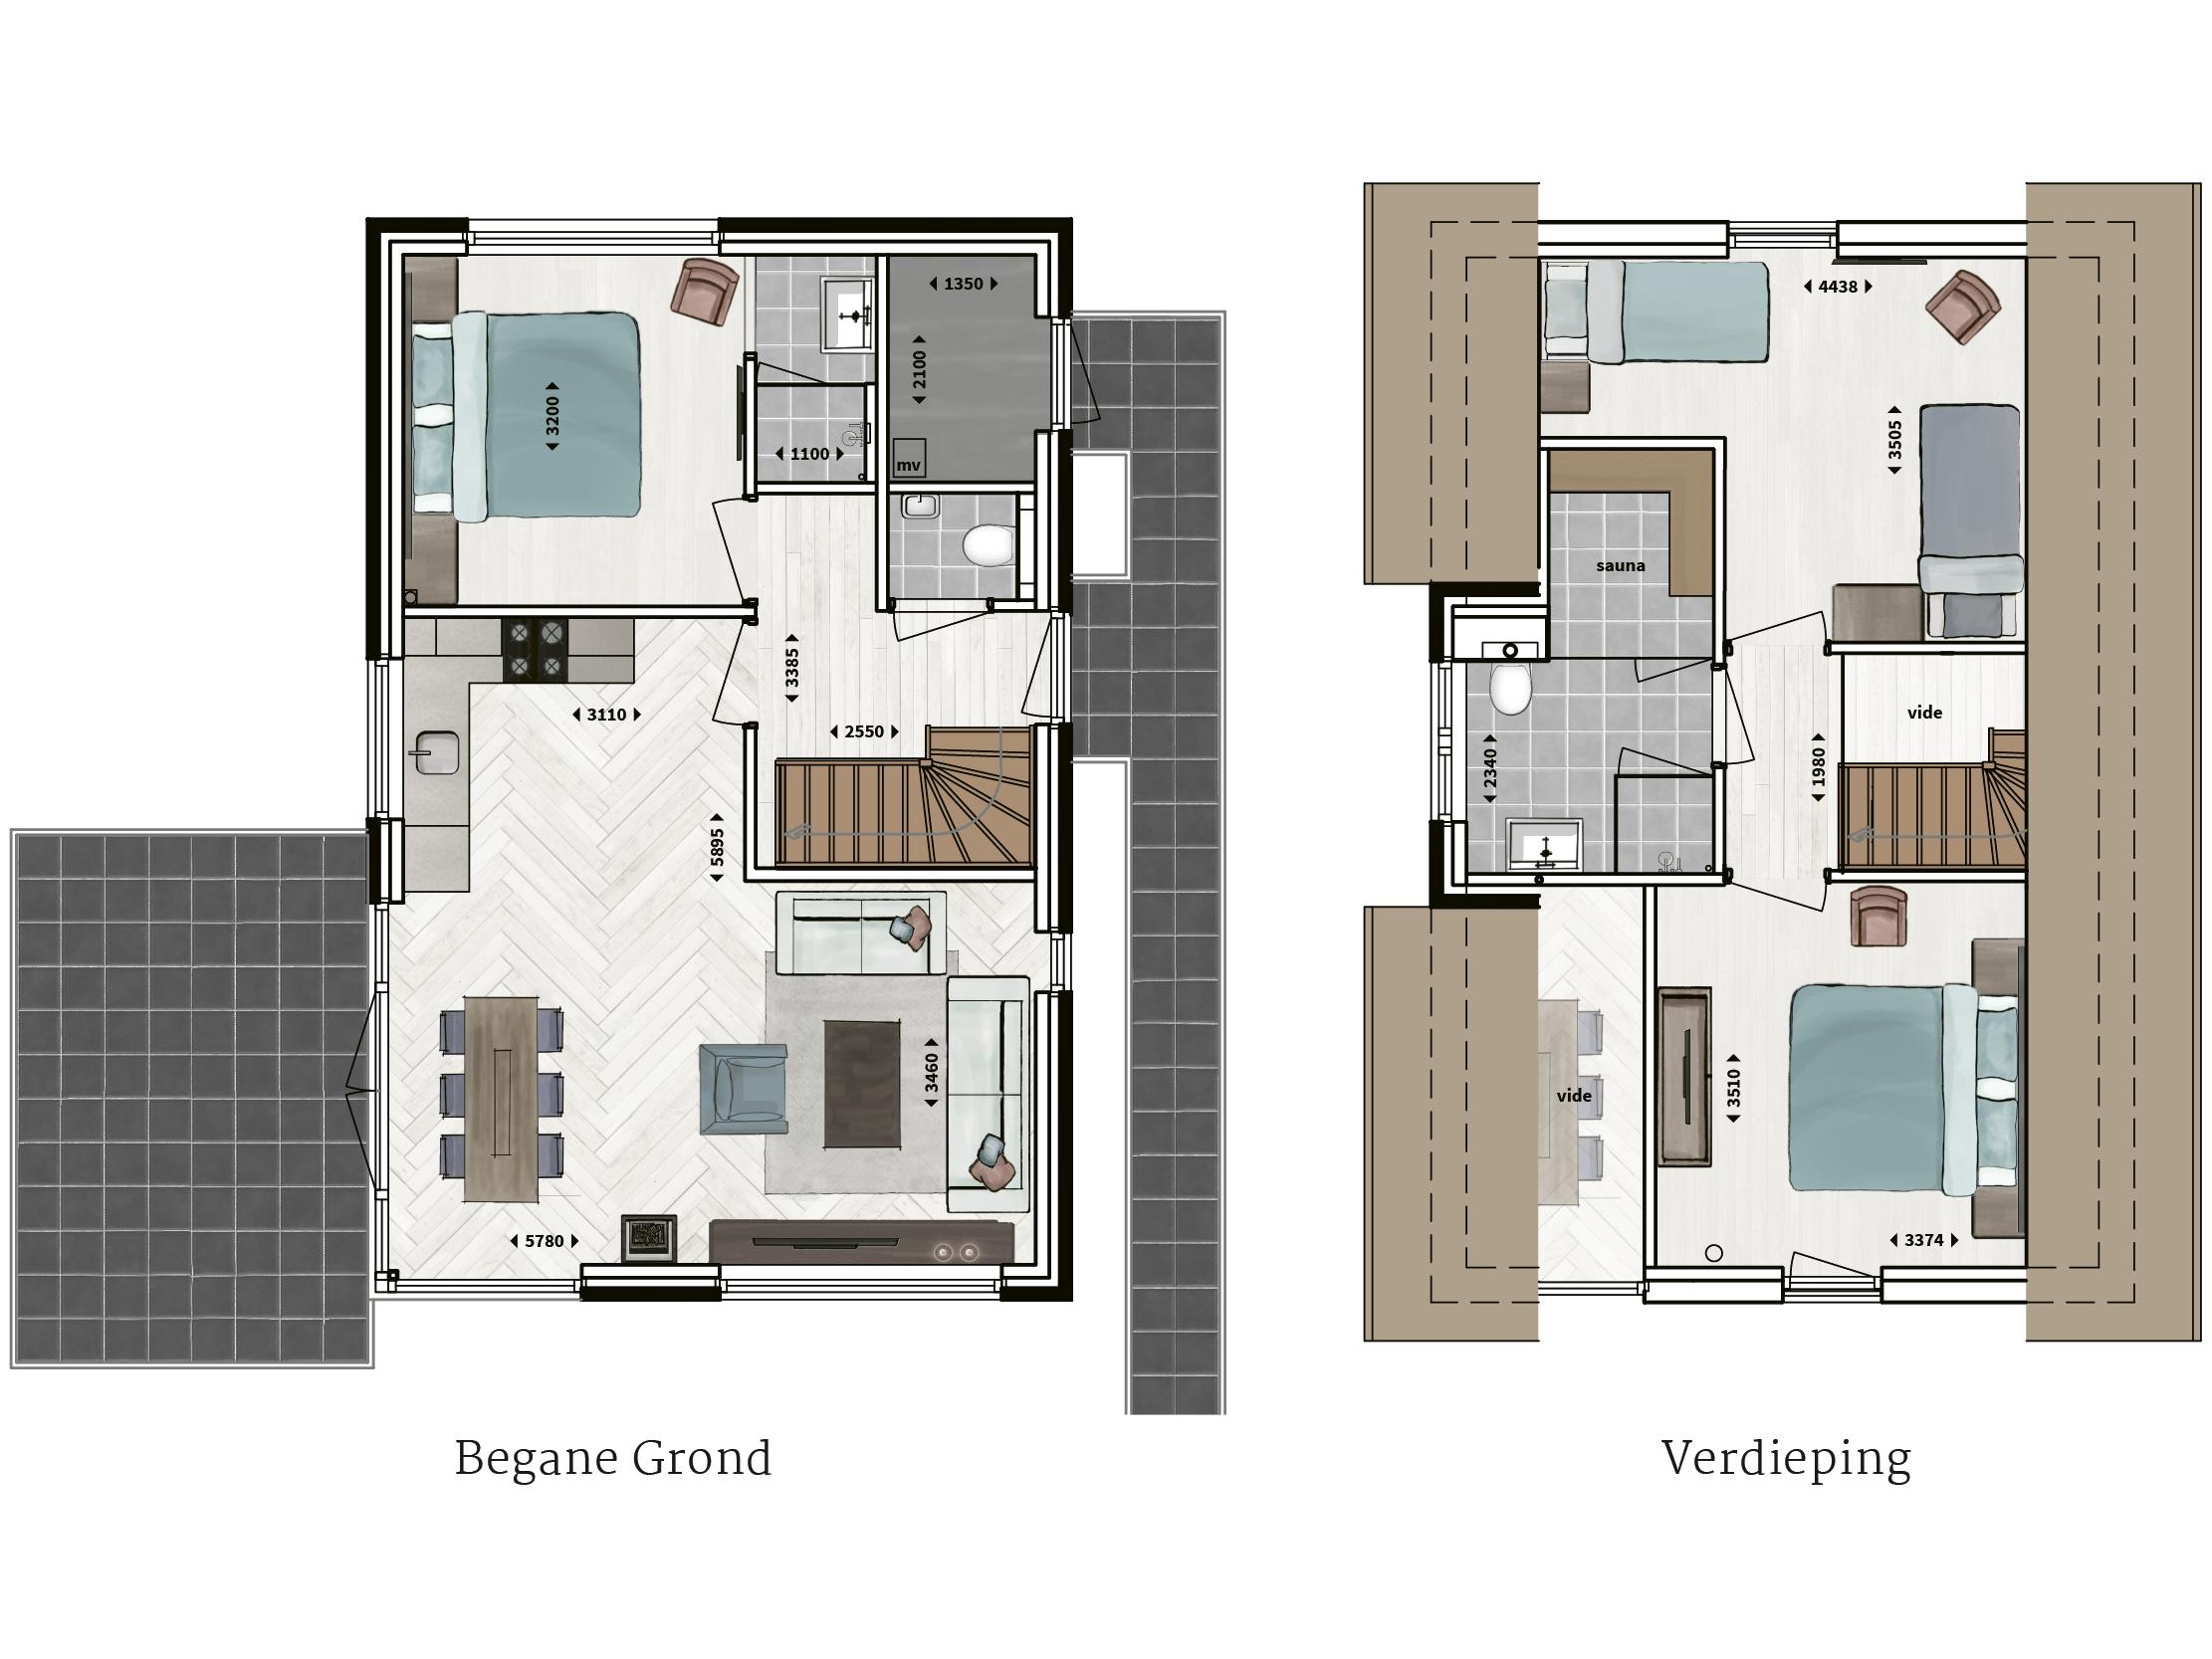 Kenmerken - - Rietgedekt- Gevel van metselwerk met gevelstuc- Drie slaapkamers- Twee badkamers met inloopdouche en sunshower- Sauna- Compleet ingerichte keuken- Houtkachel- Glazen hoekpui- Vide in woonkamer- Buitenberging